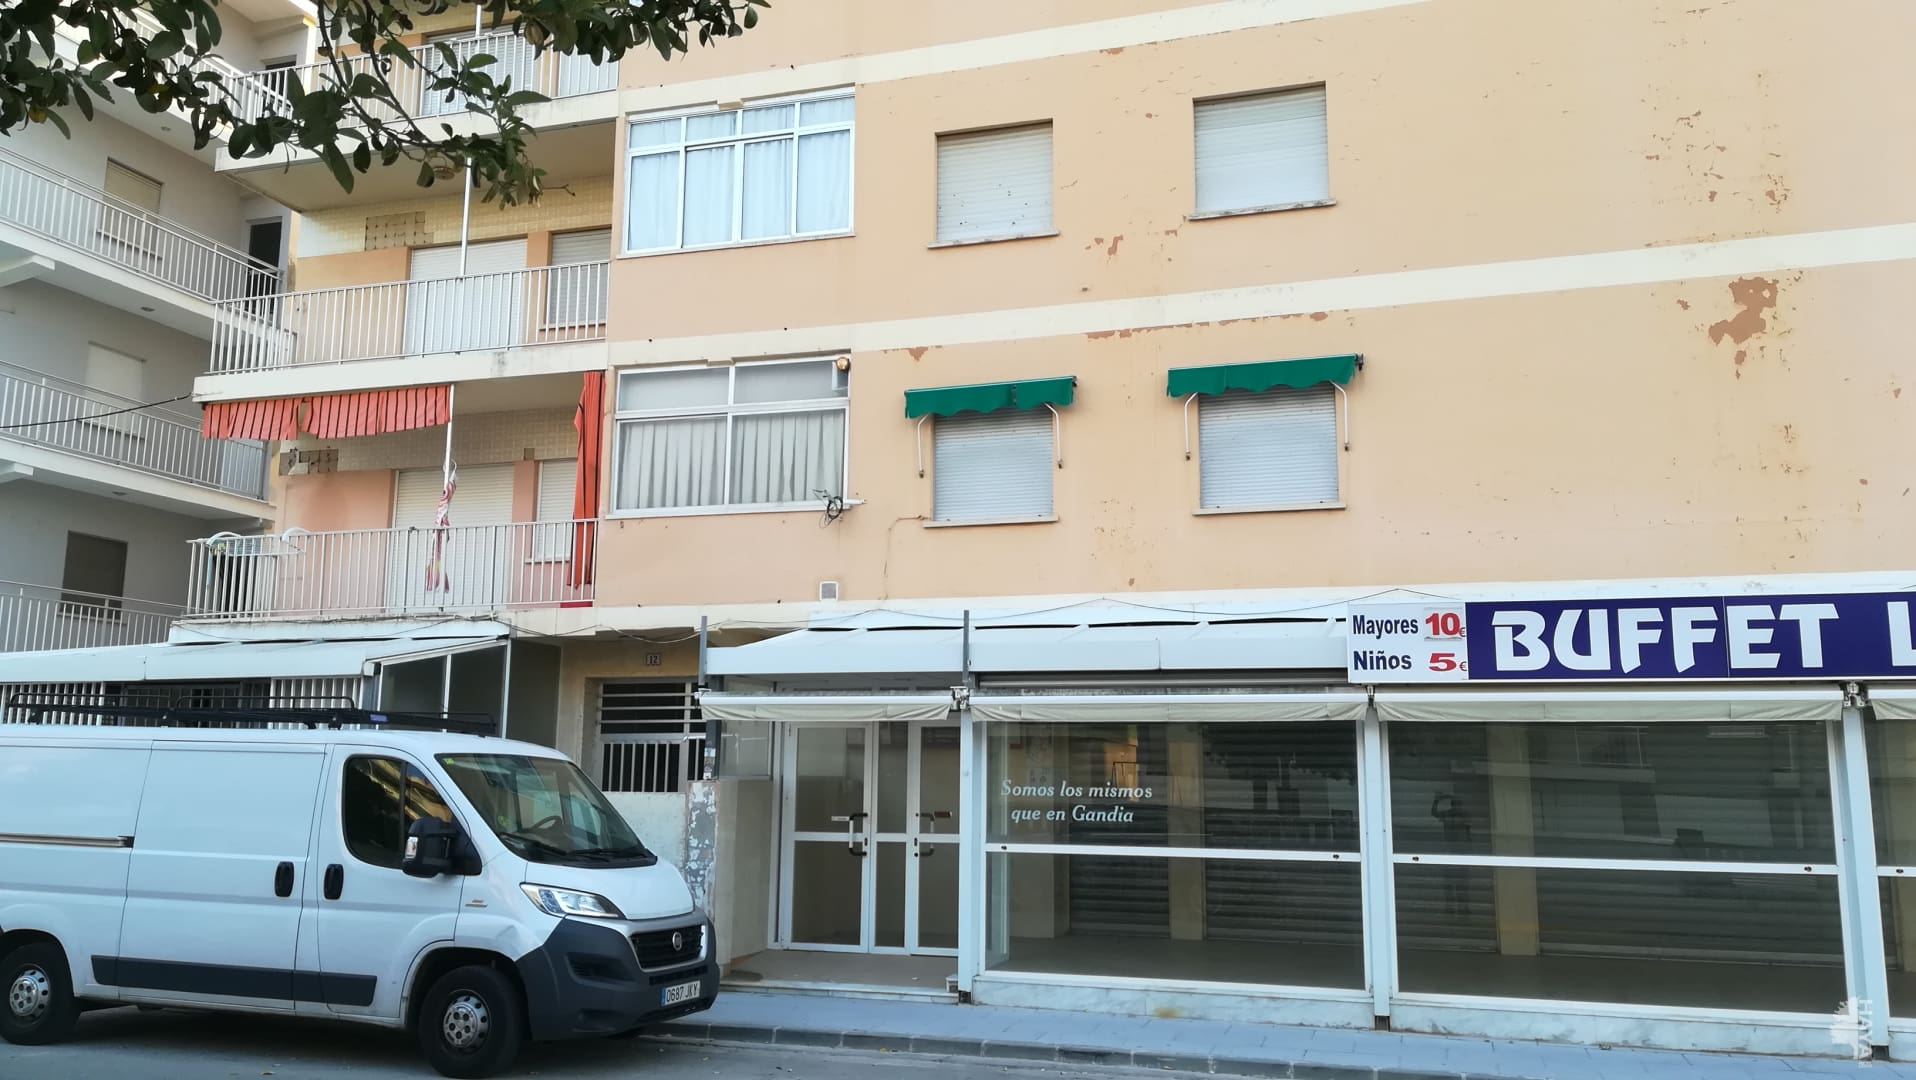 Piso en venta en Gandia, Valencia, Paseo Joan Miro, 91.843 €, 2 habitaciones, 1 baño, 82 m2